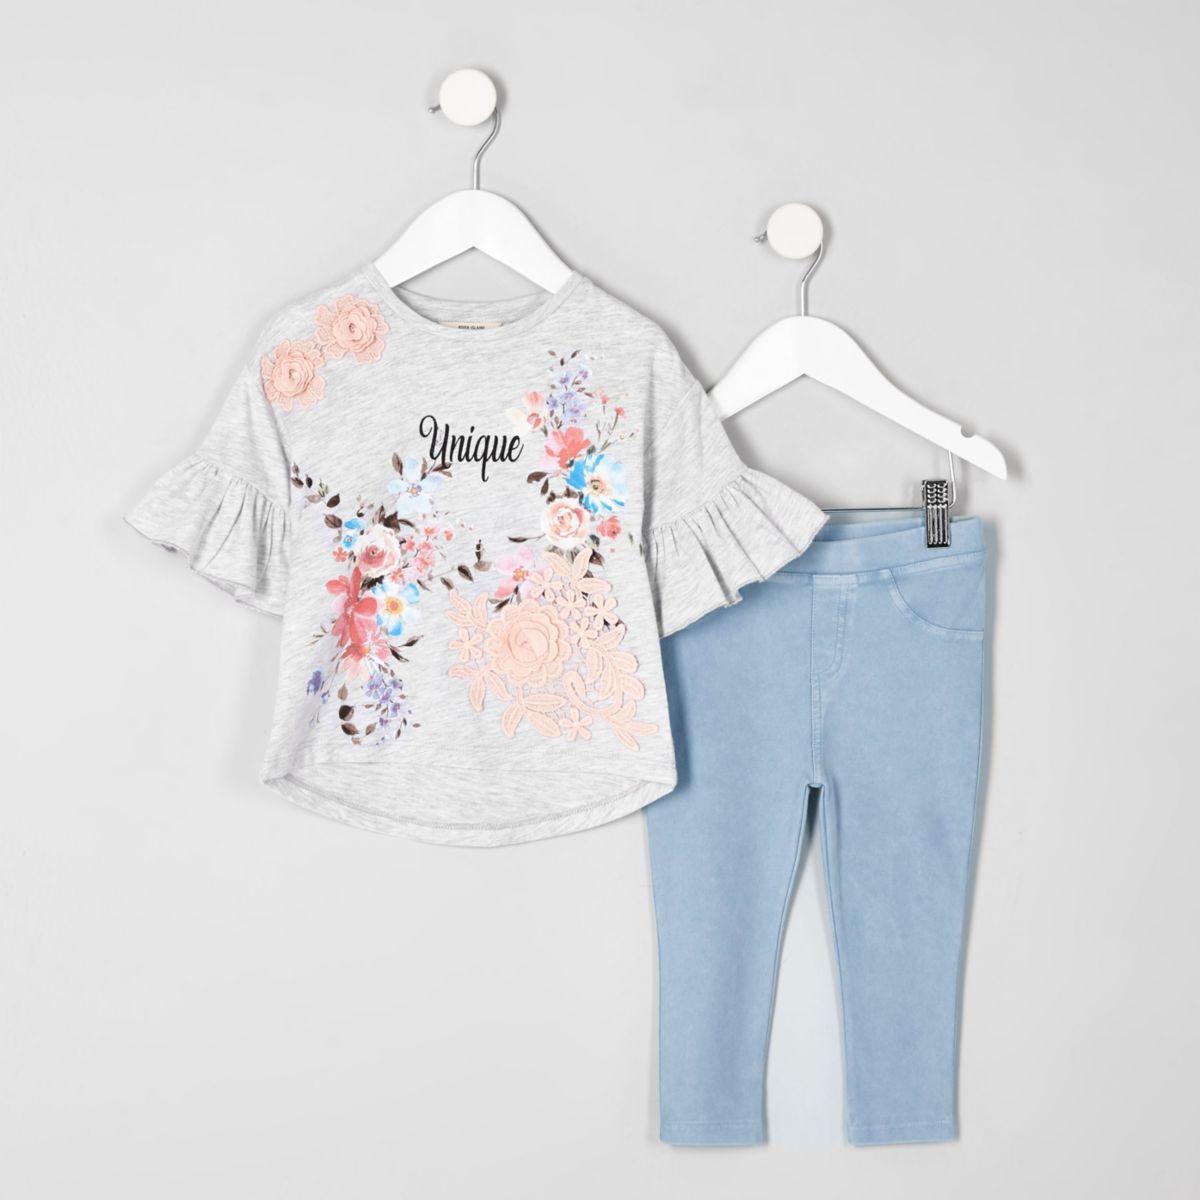 Mini grey 'unique' floral T-shirt outfit